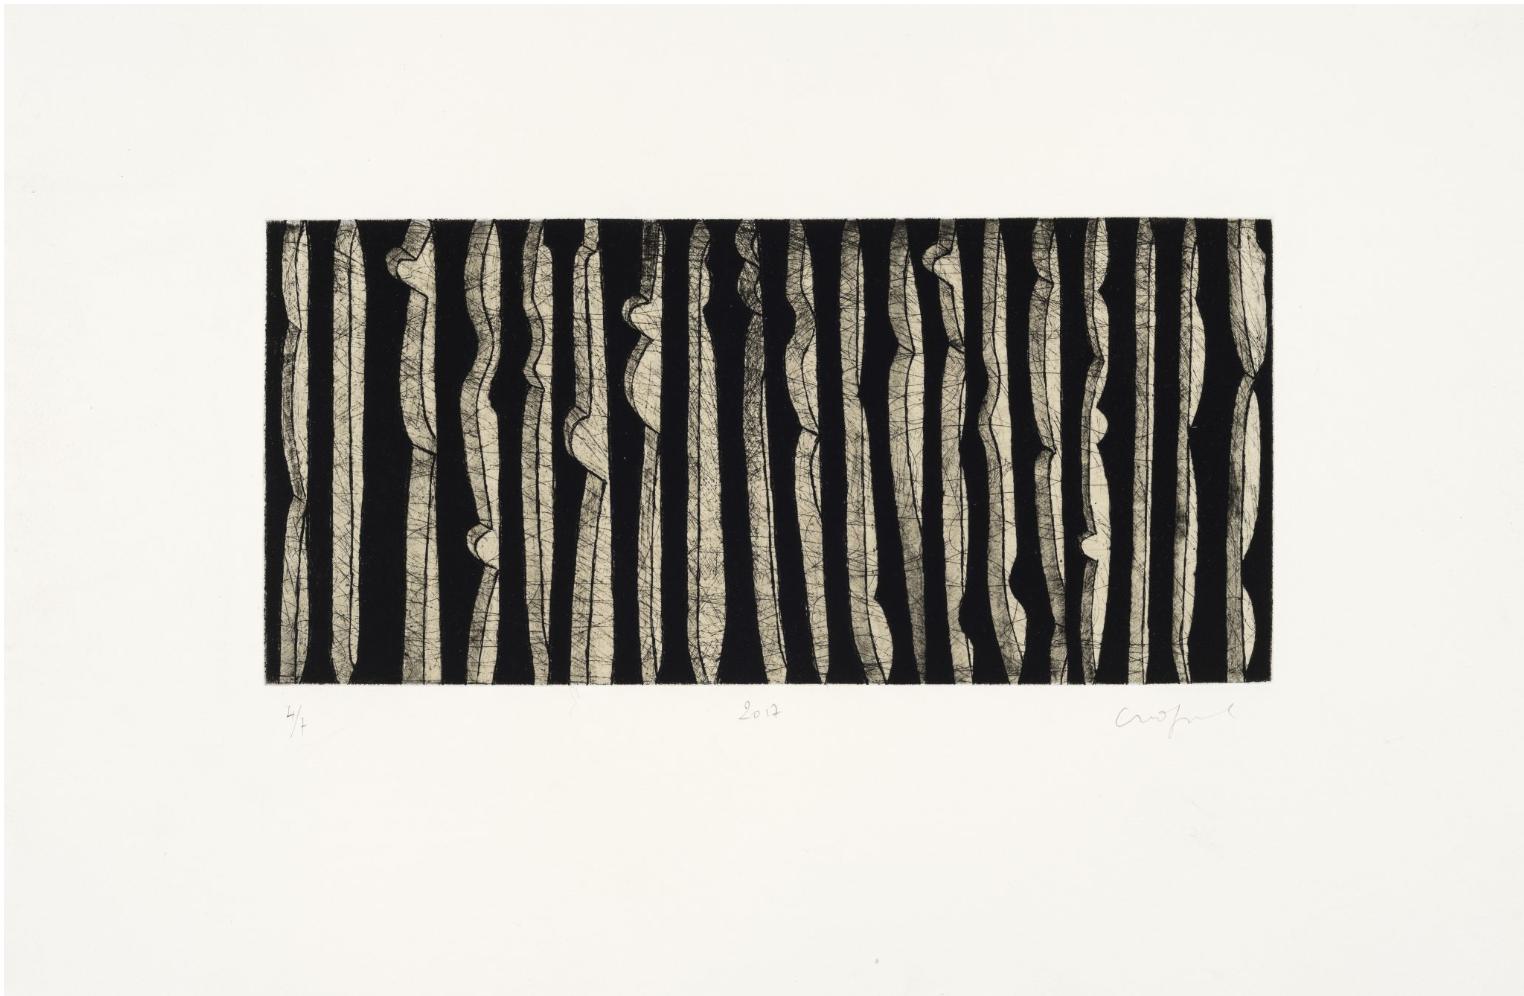 Sans titre, 2017, Eau forte et pointe sèche 17X37cm, site web de l'artiste Jean Michel Cropsal -